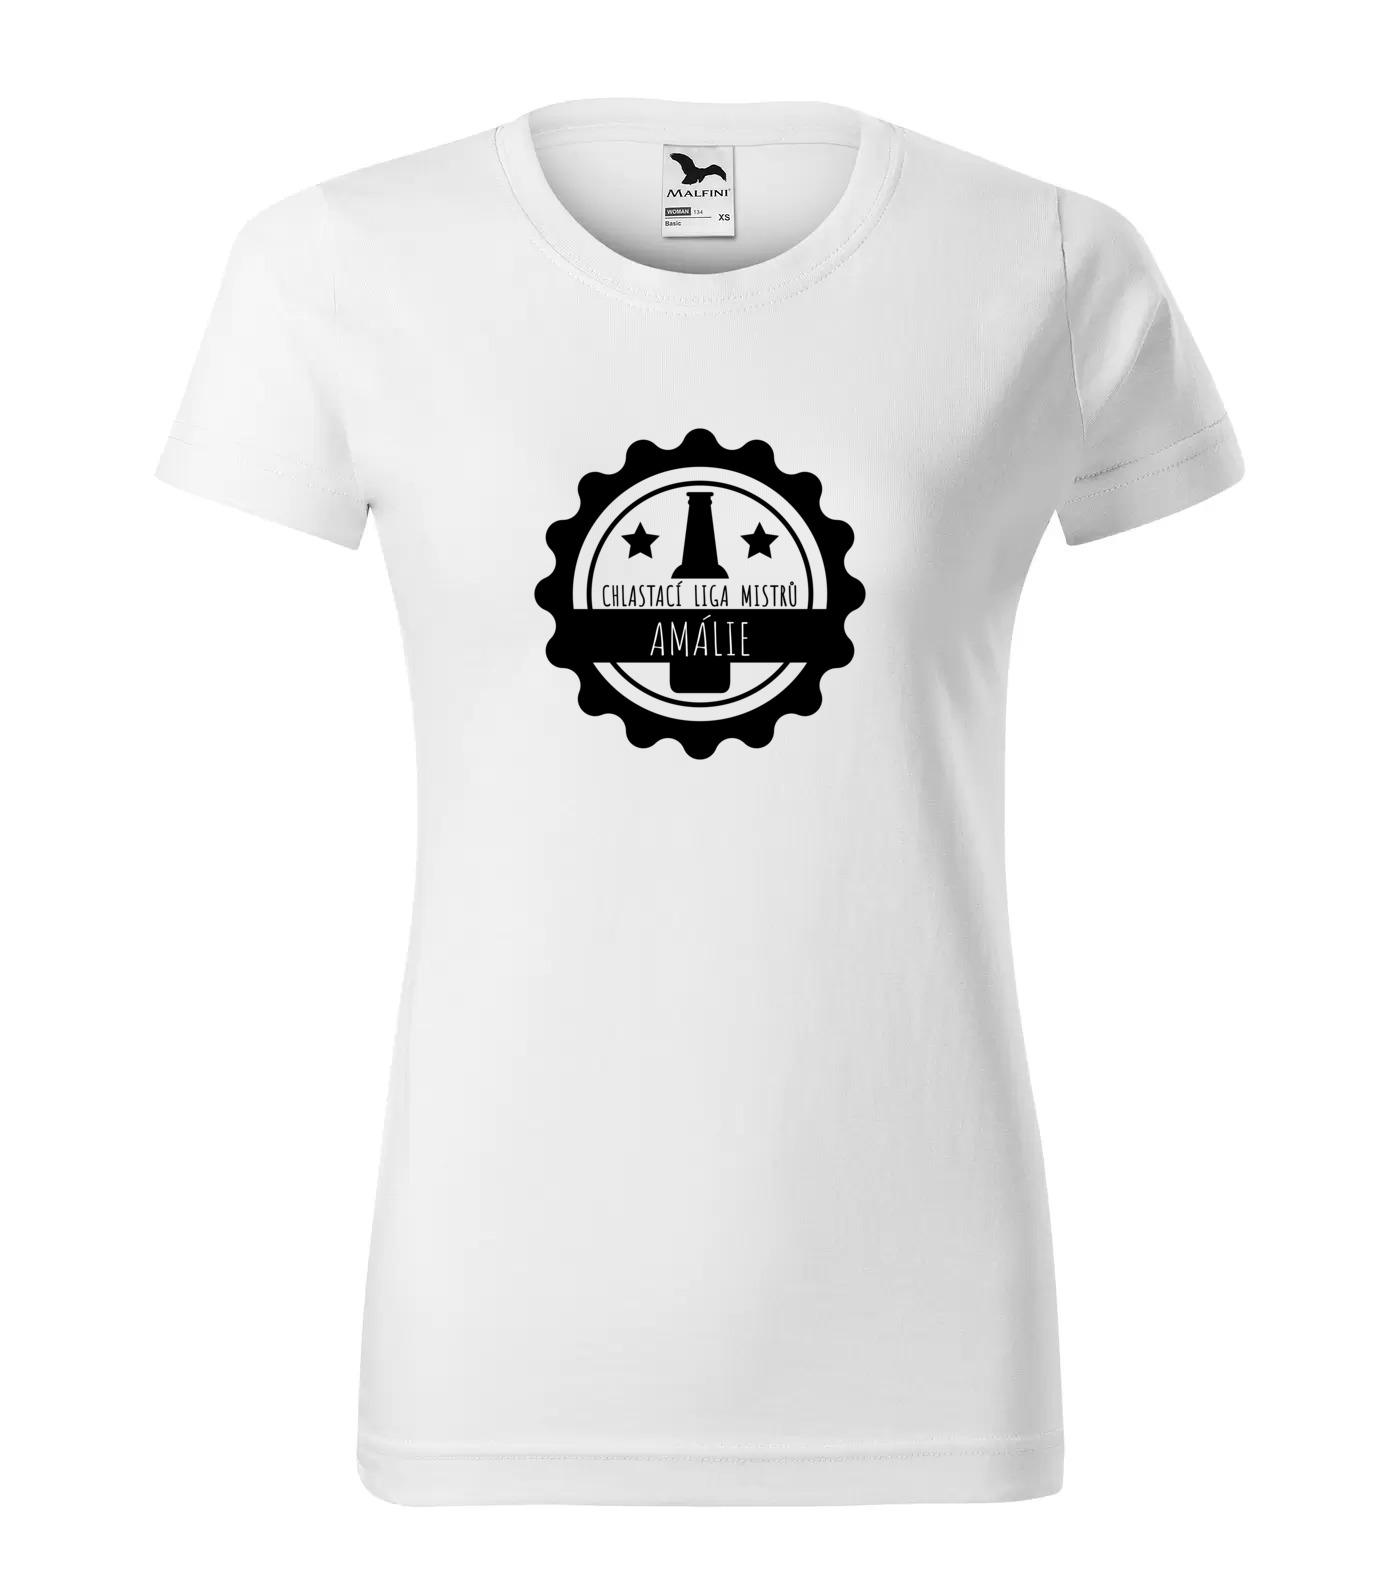 Tričko Chlastací liga žen Amálie